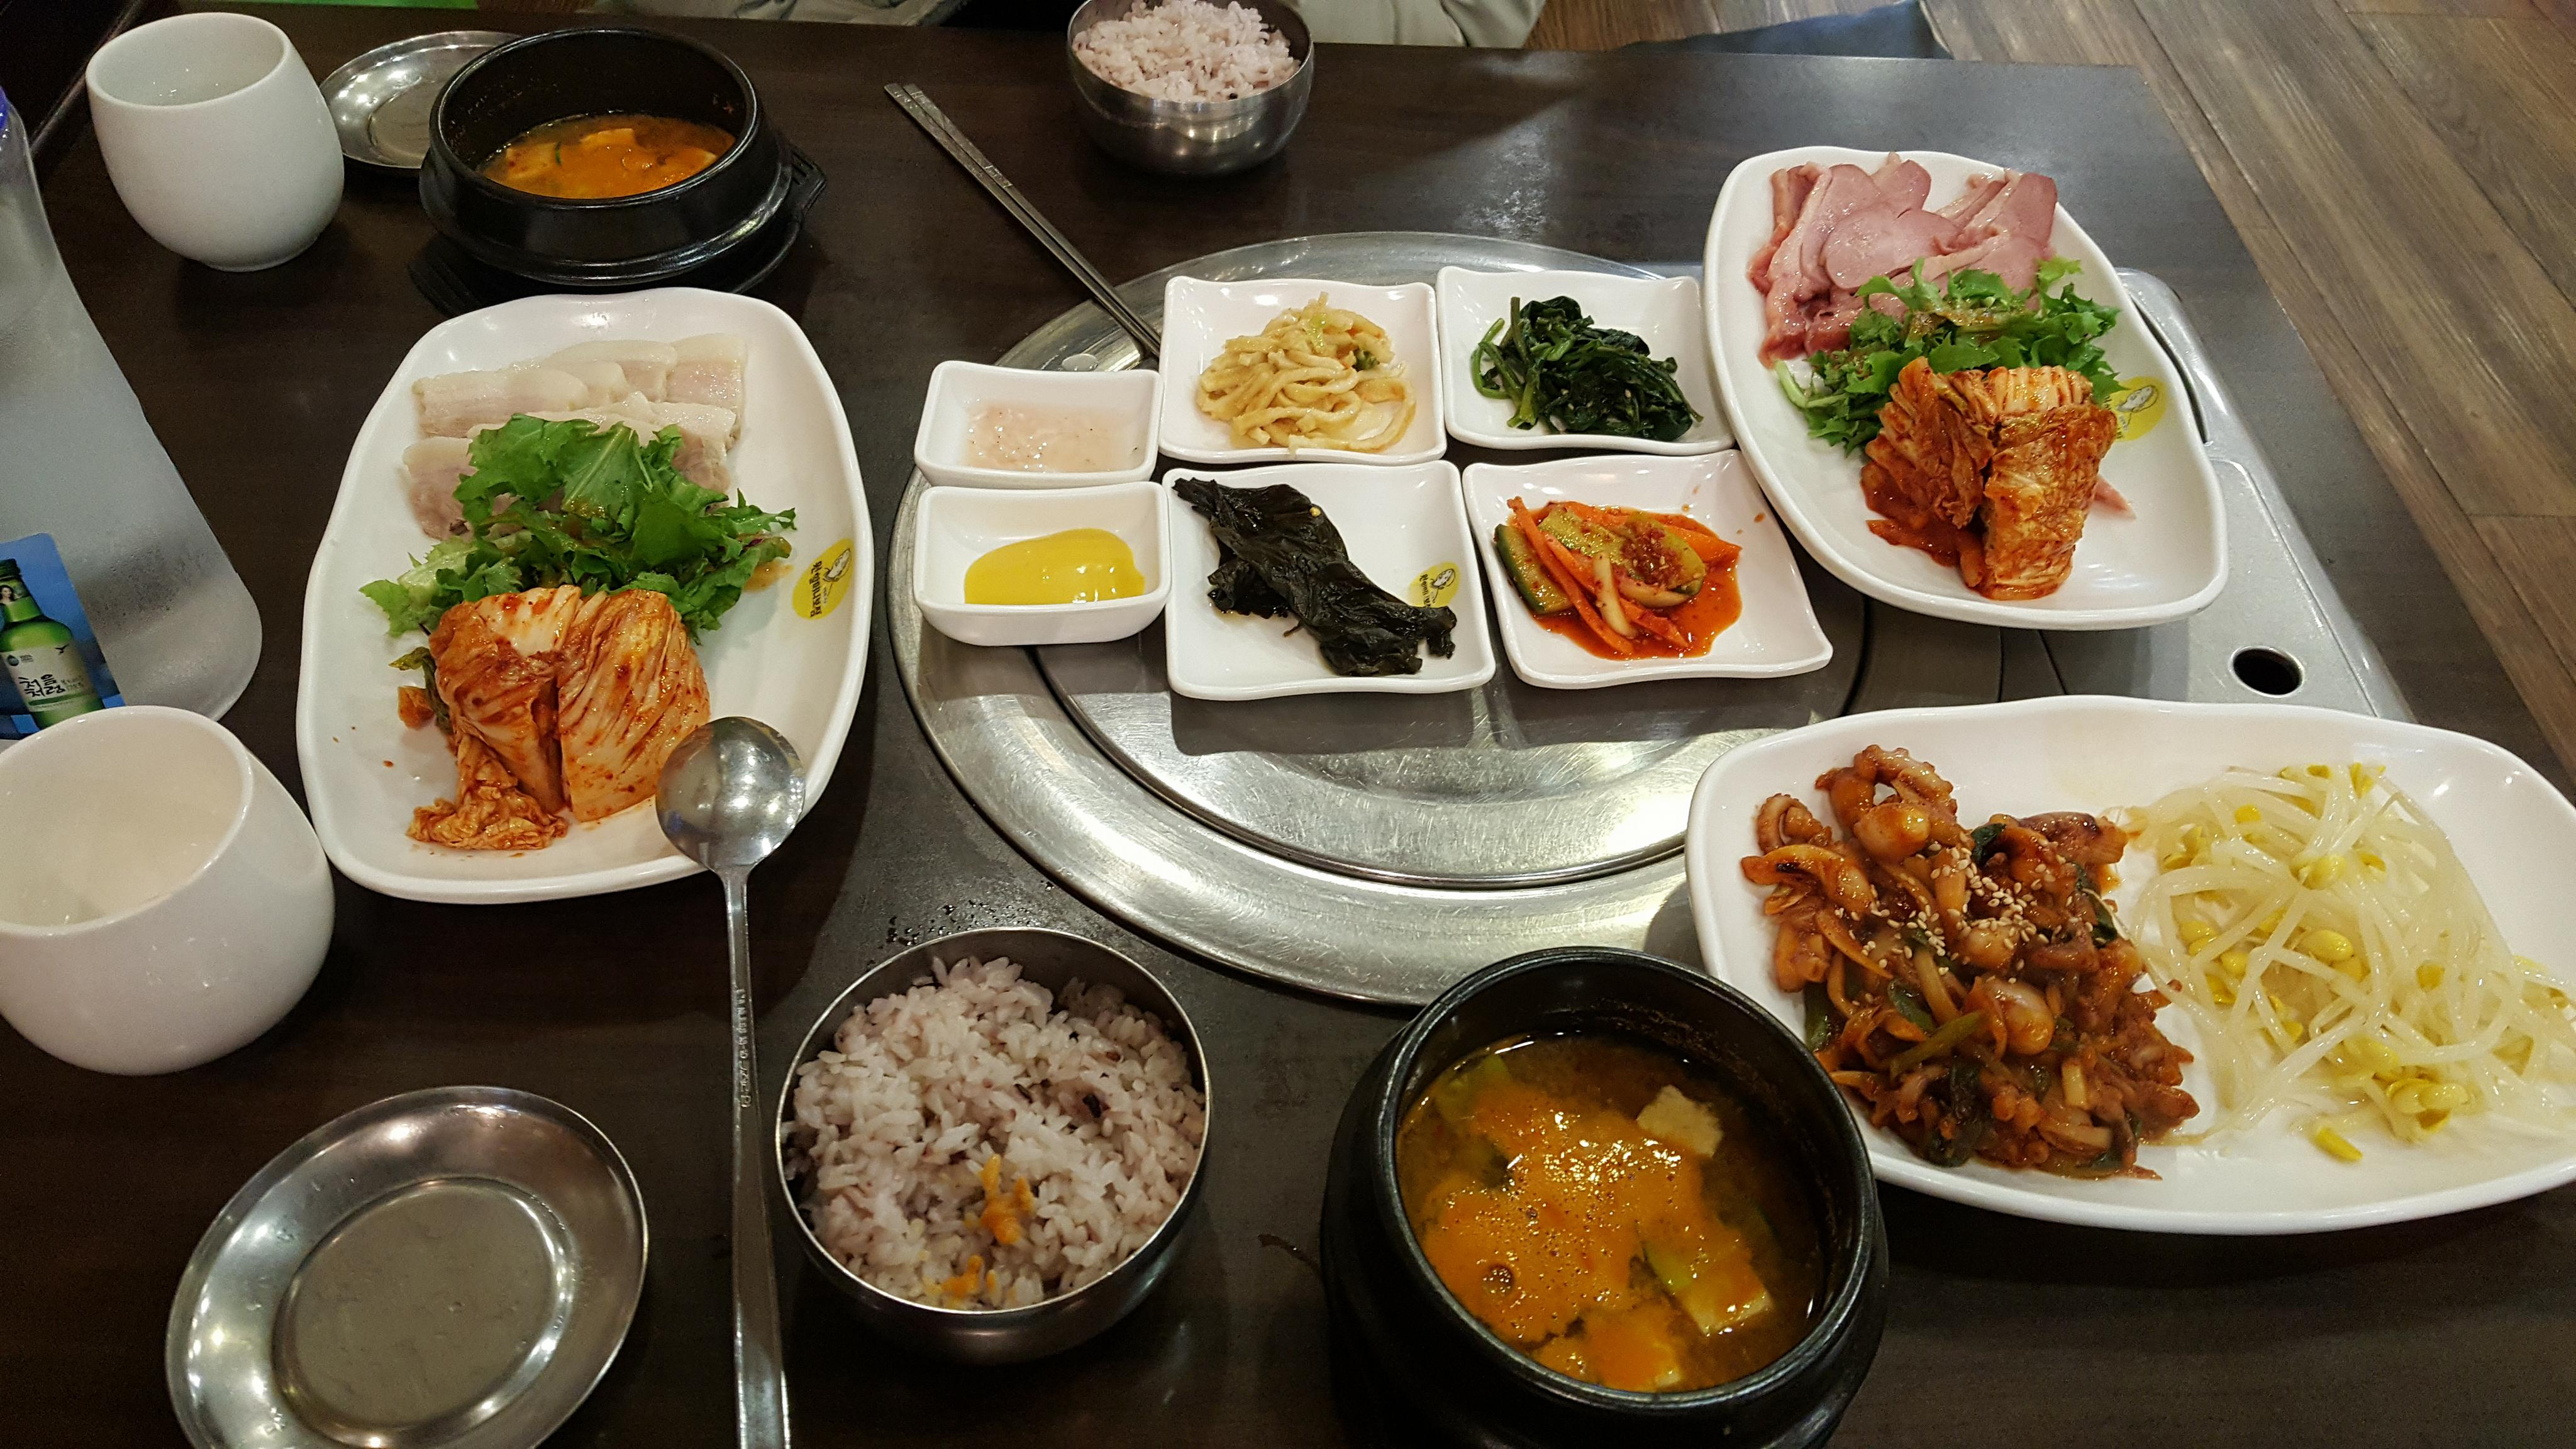 Bosam thịt vịt và bạch tuộc xào cay có giá 24.000 won.